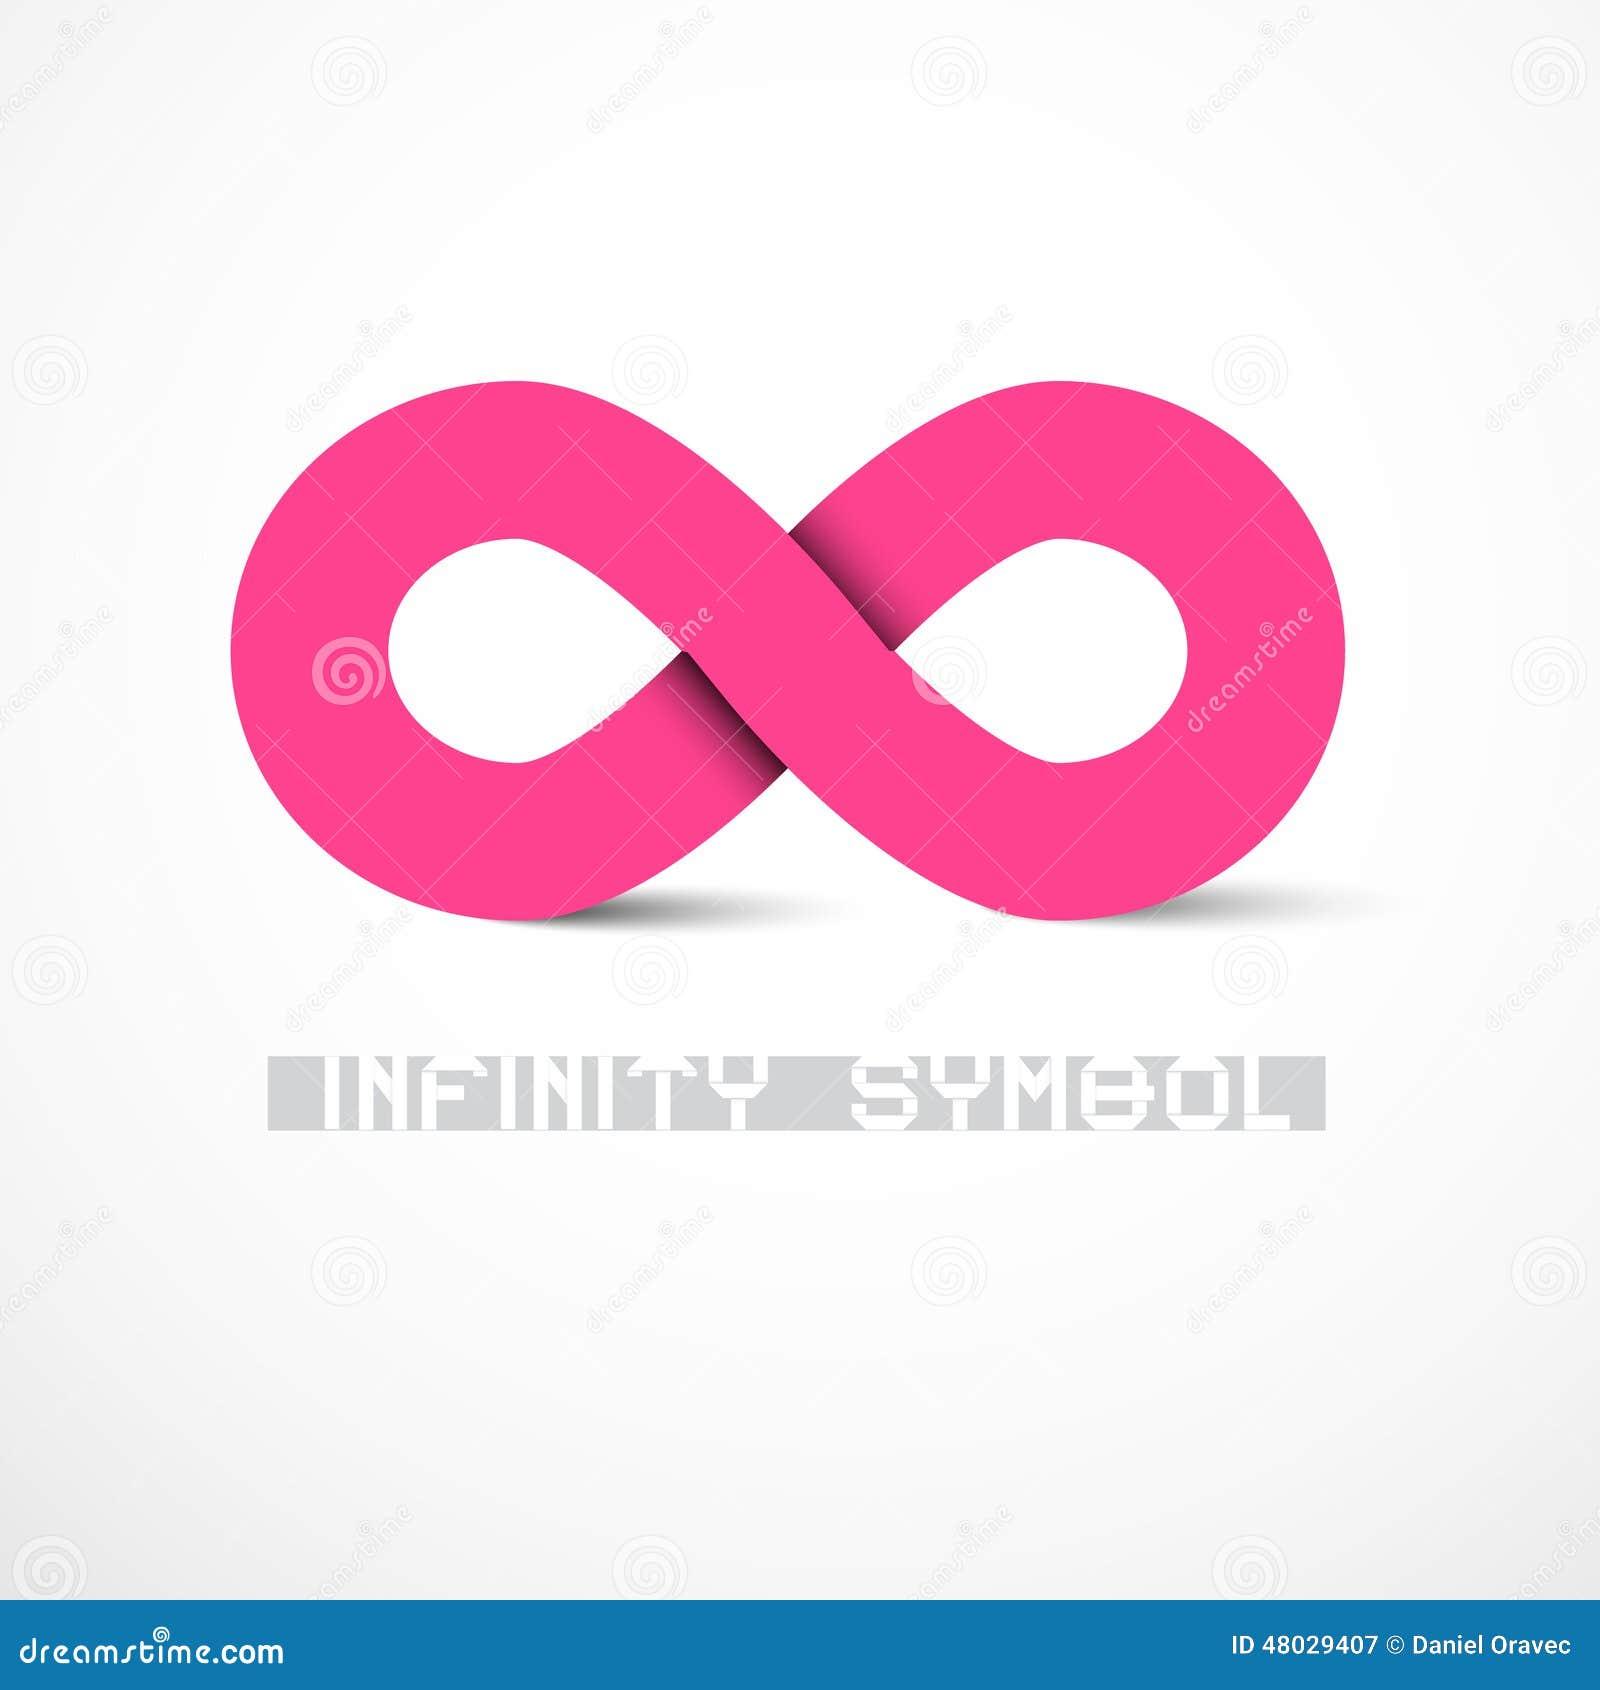 Pink vector infinity symbol stock vector illustration of pink vector infinity symbol biocorpaavc